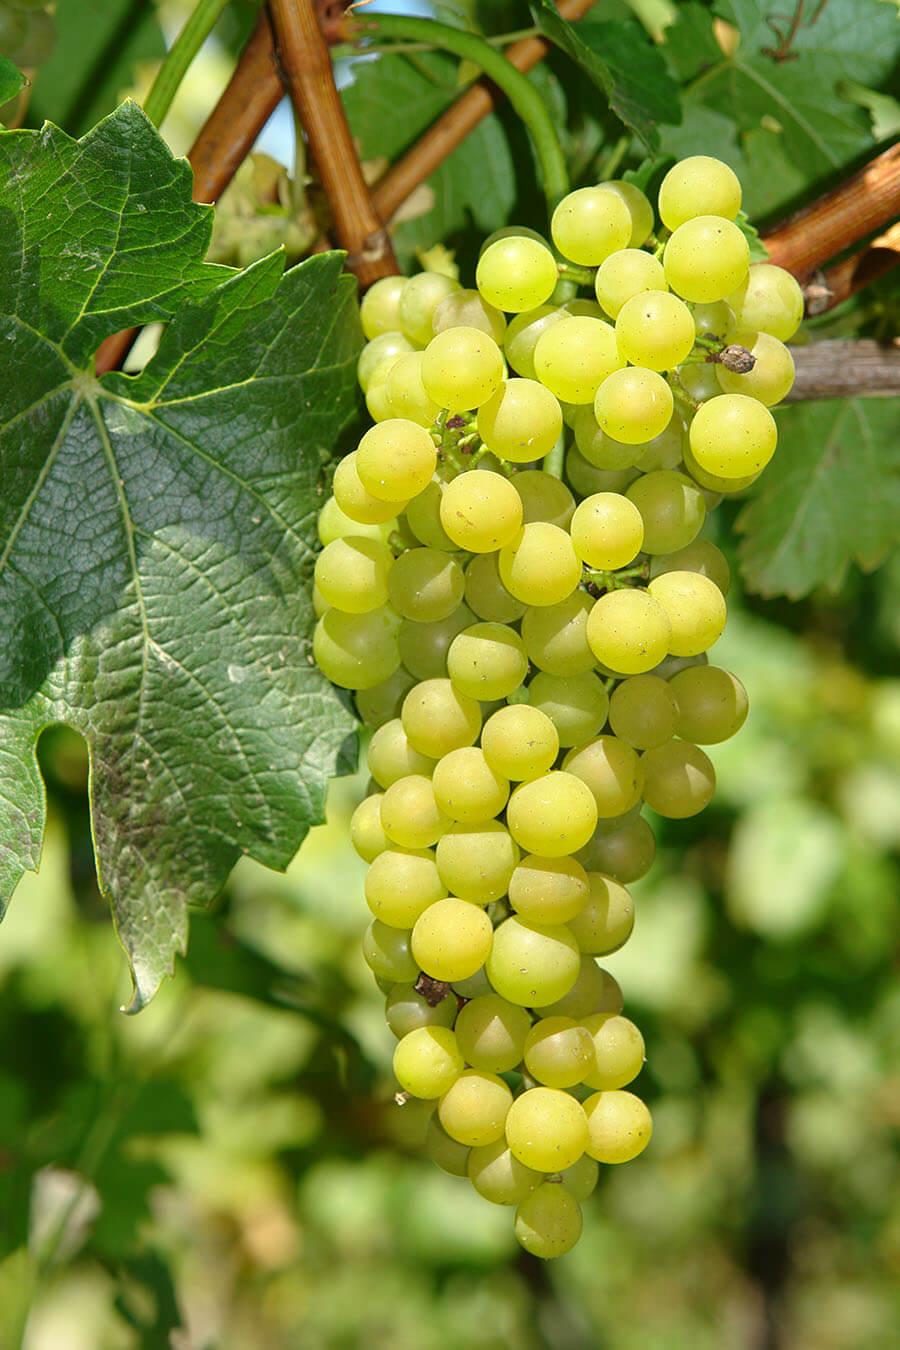 biała, winorośl, białe winogrona, szkółka, sprzedaż, uprawa, ogród, czerwone, wino, winorośl